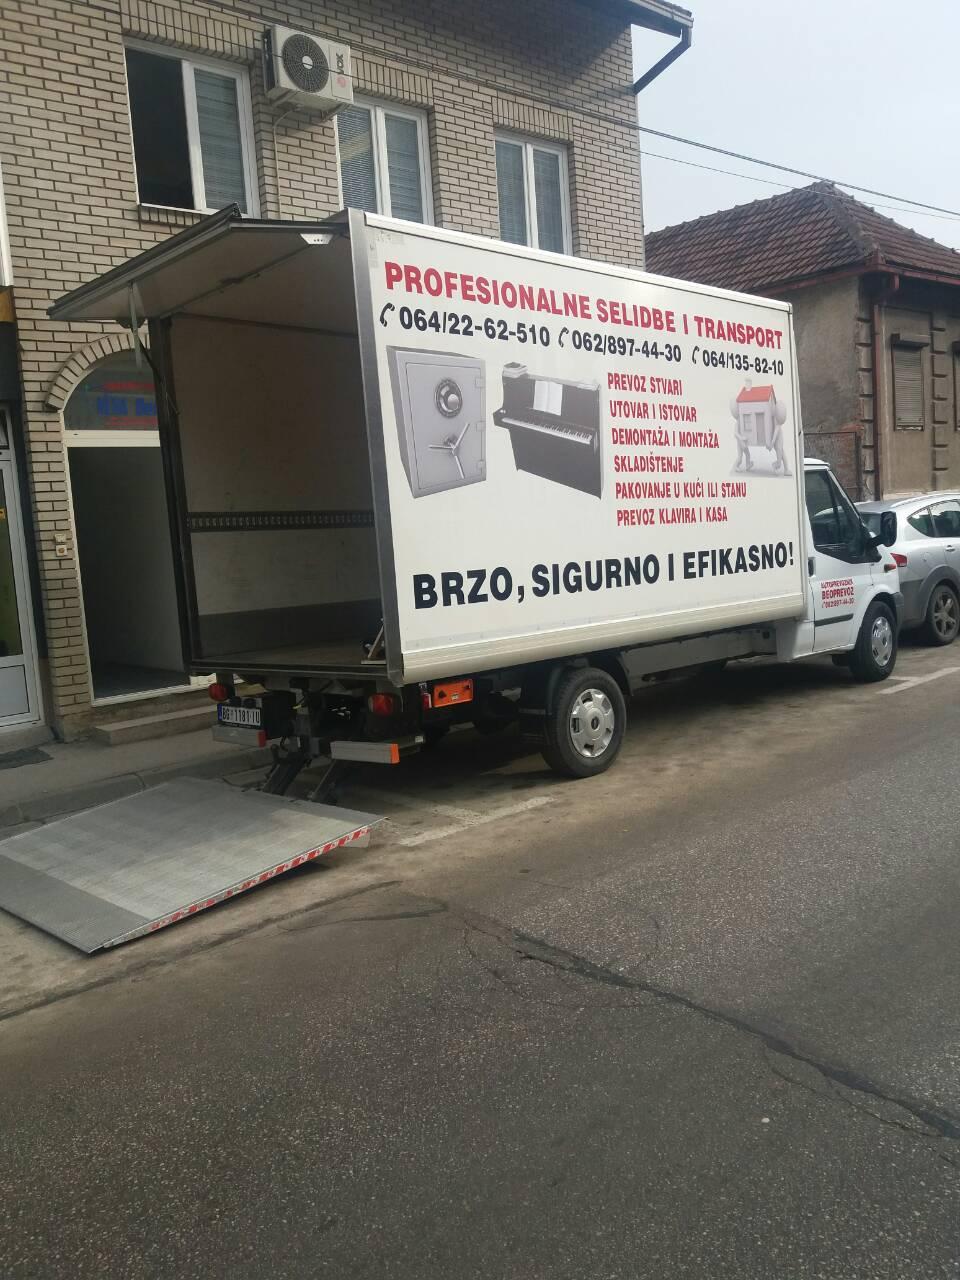 Kombi Selibde - Rade Trans kamion za selidbe